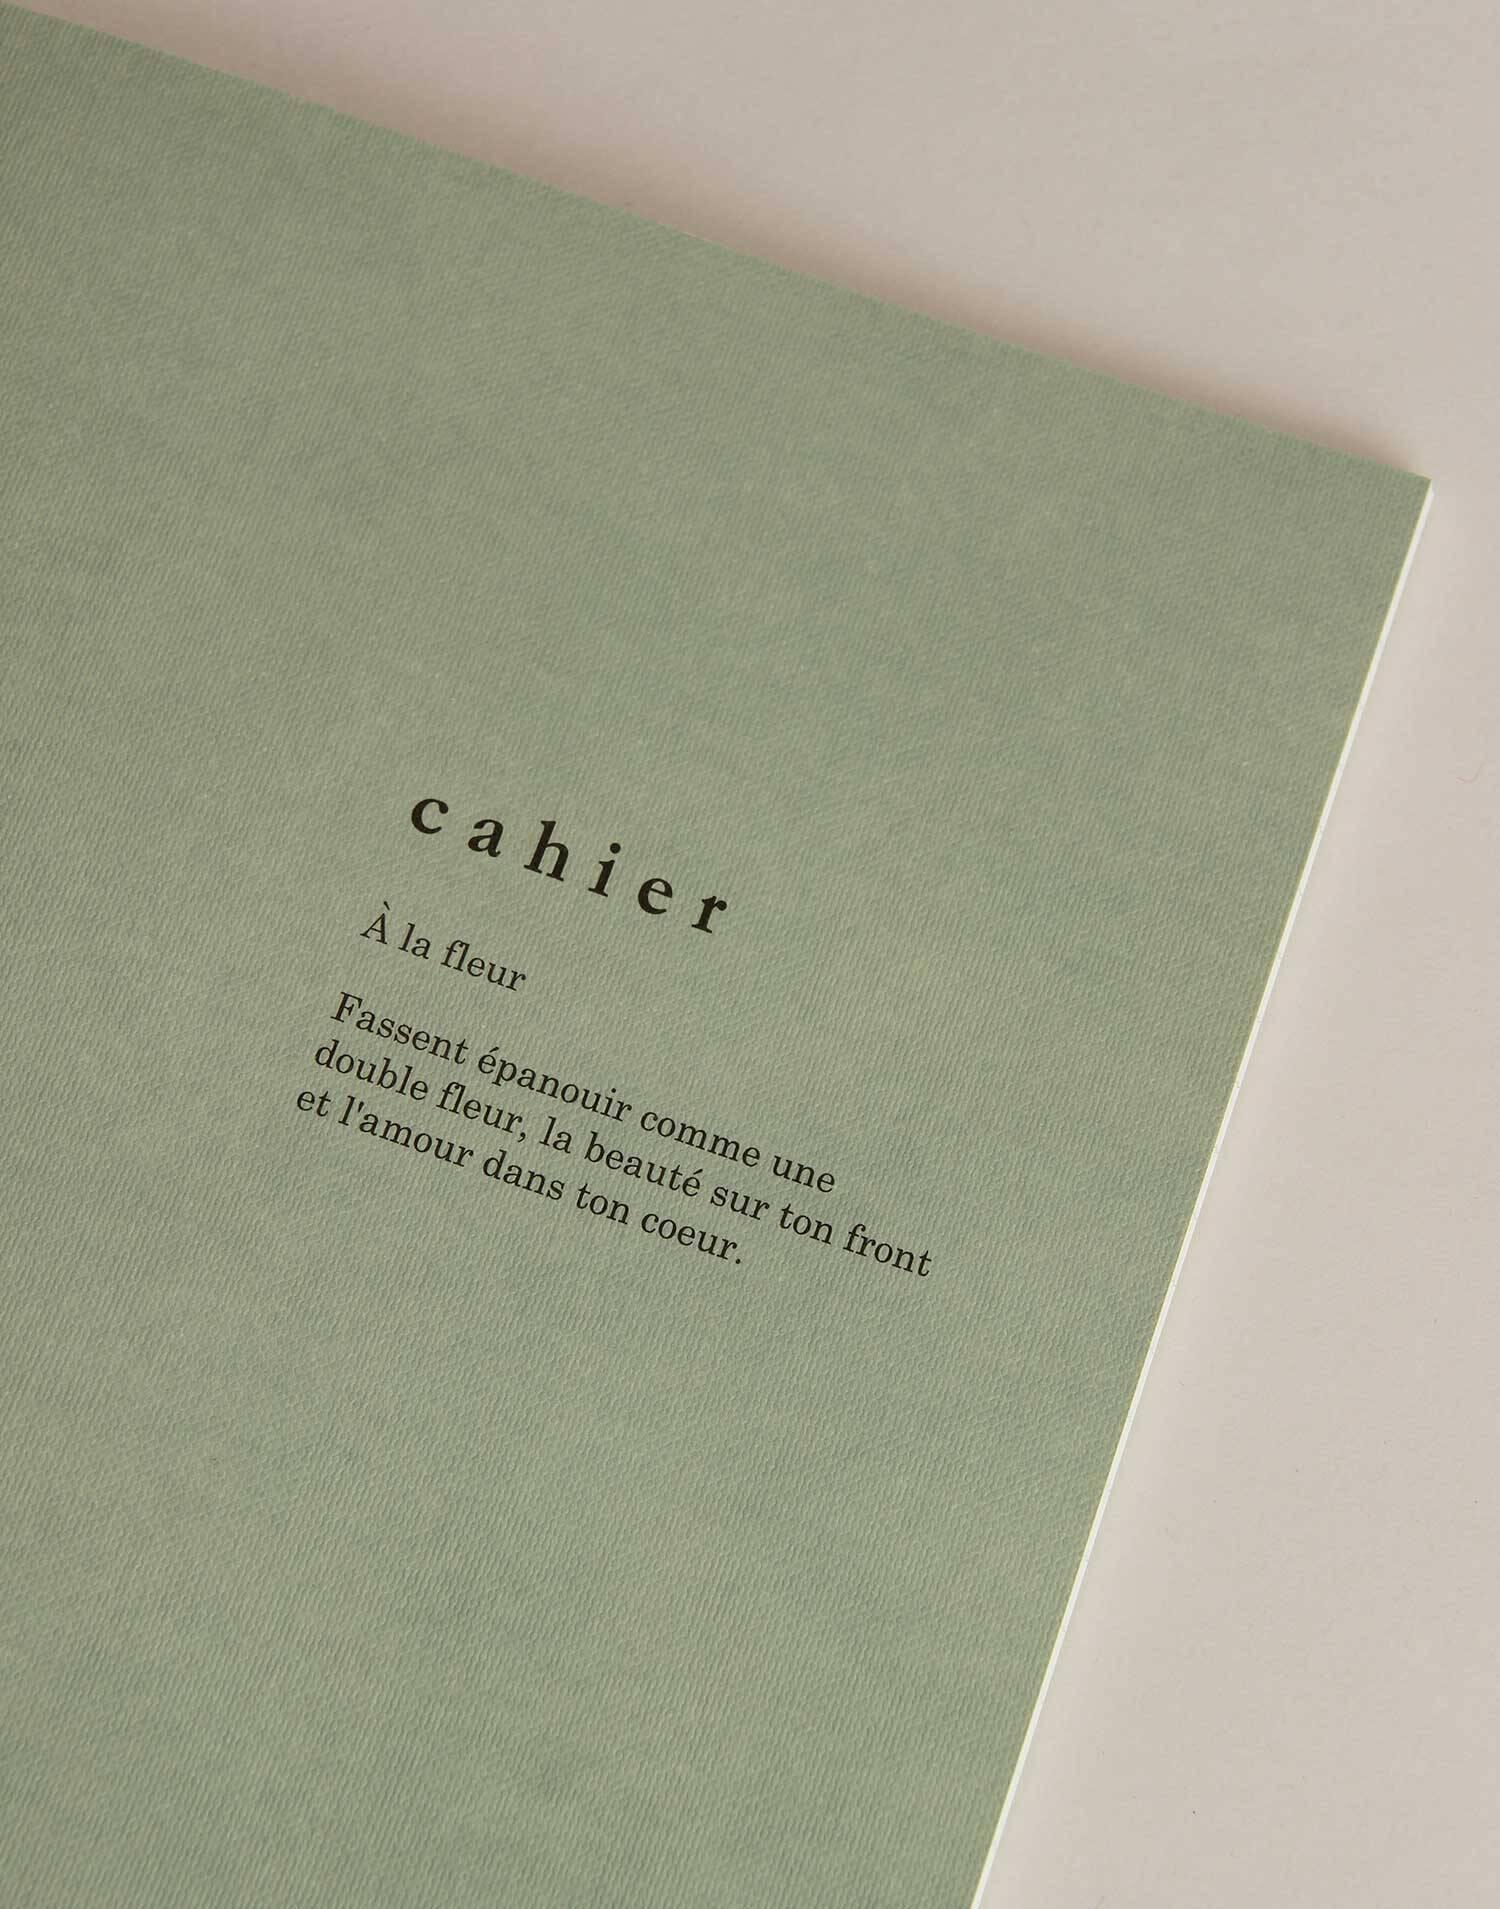 Libreta a4 cahier